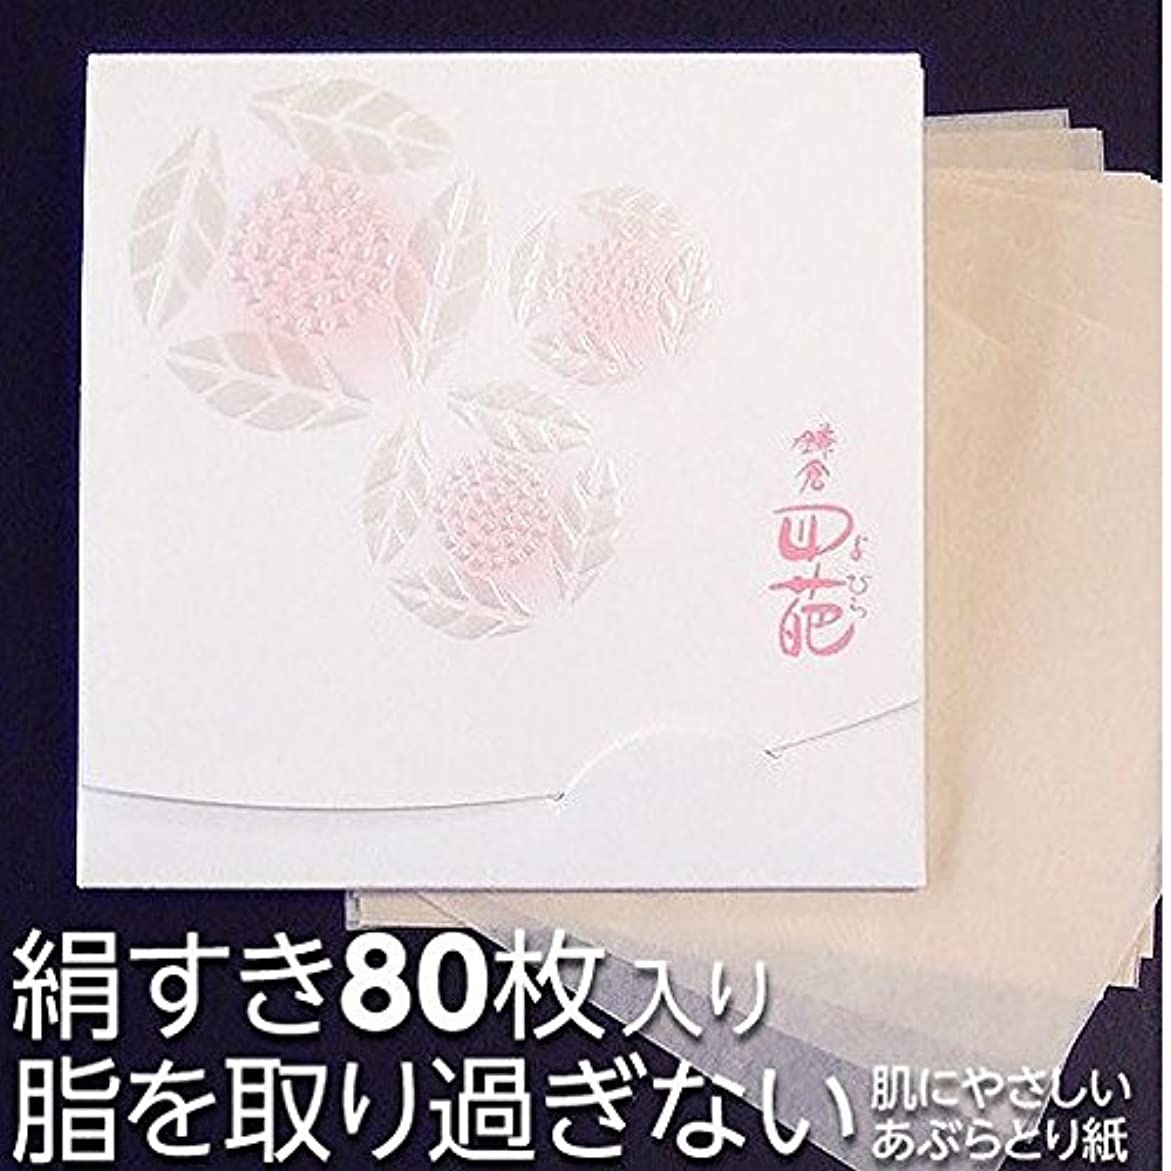 ゴージャス不機嫌そうな収縮80枚入り よひらケース「絹すき」 方形????